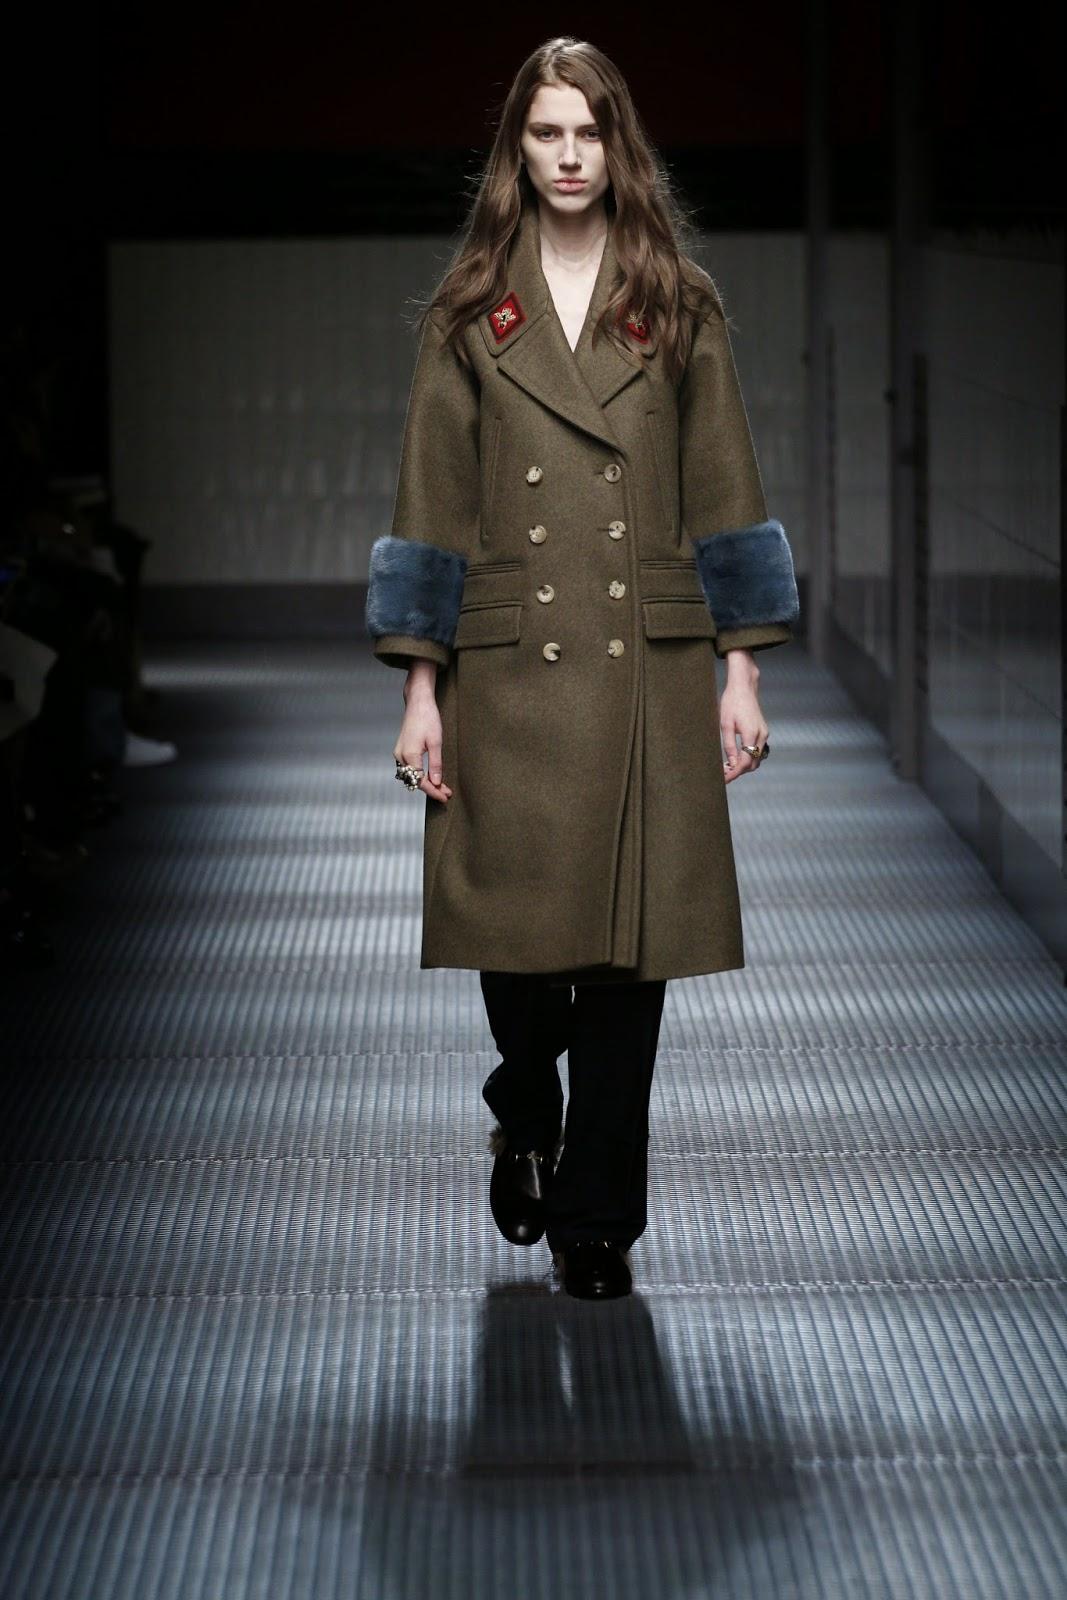 Fashionweek Milano 2015_11